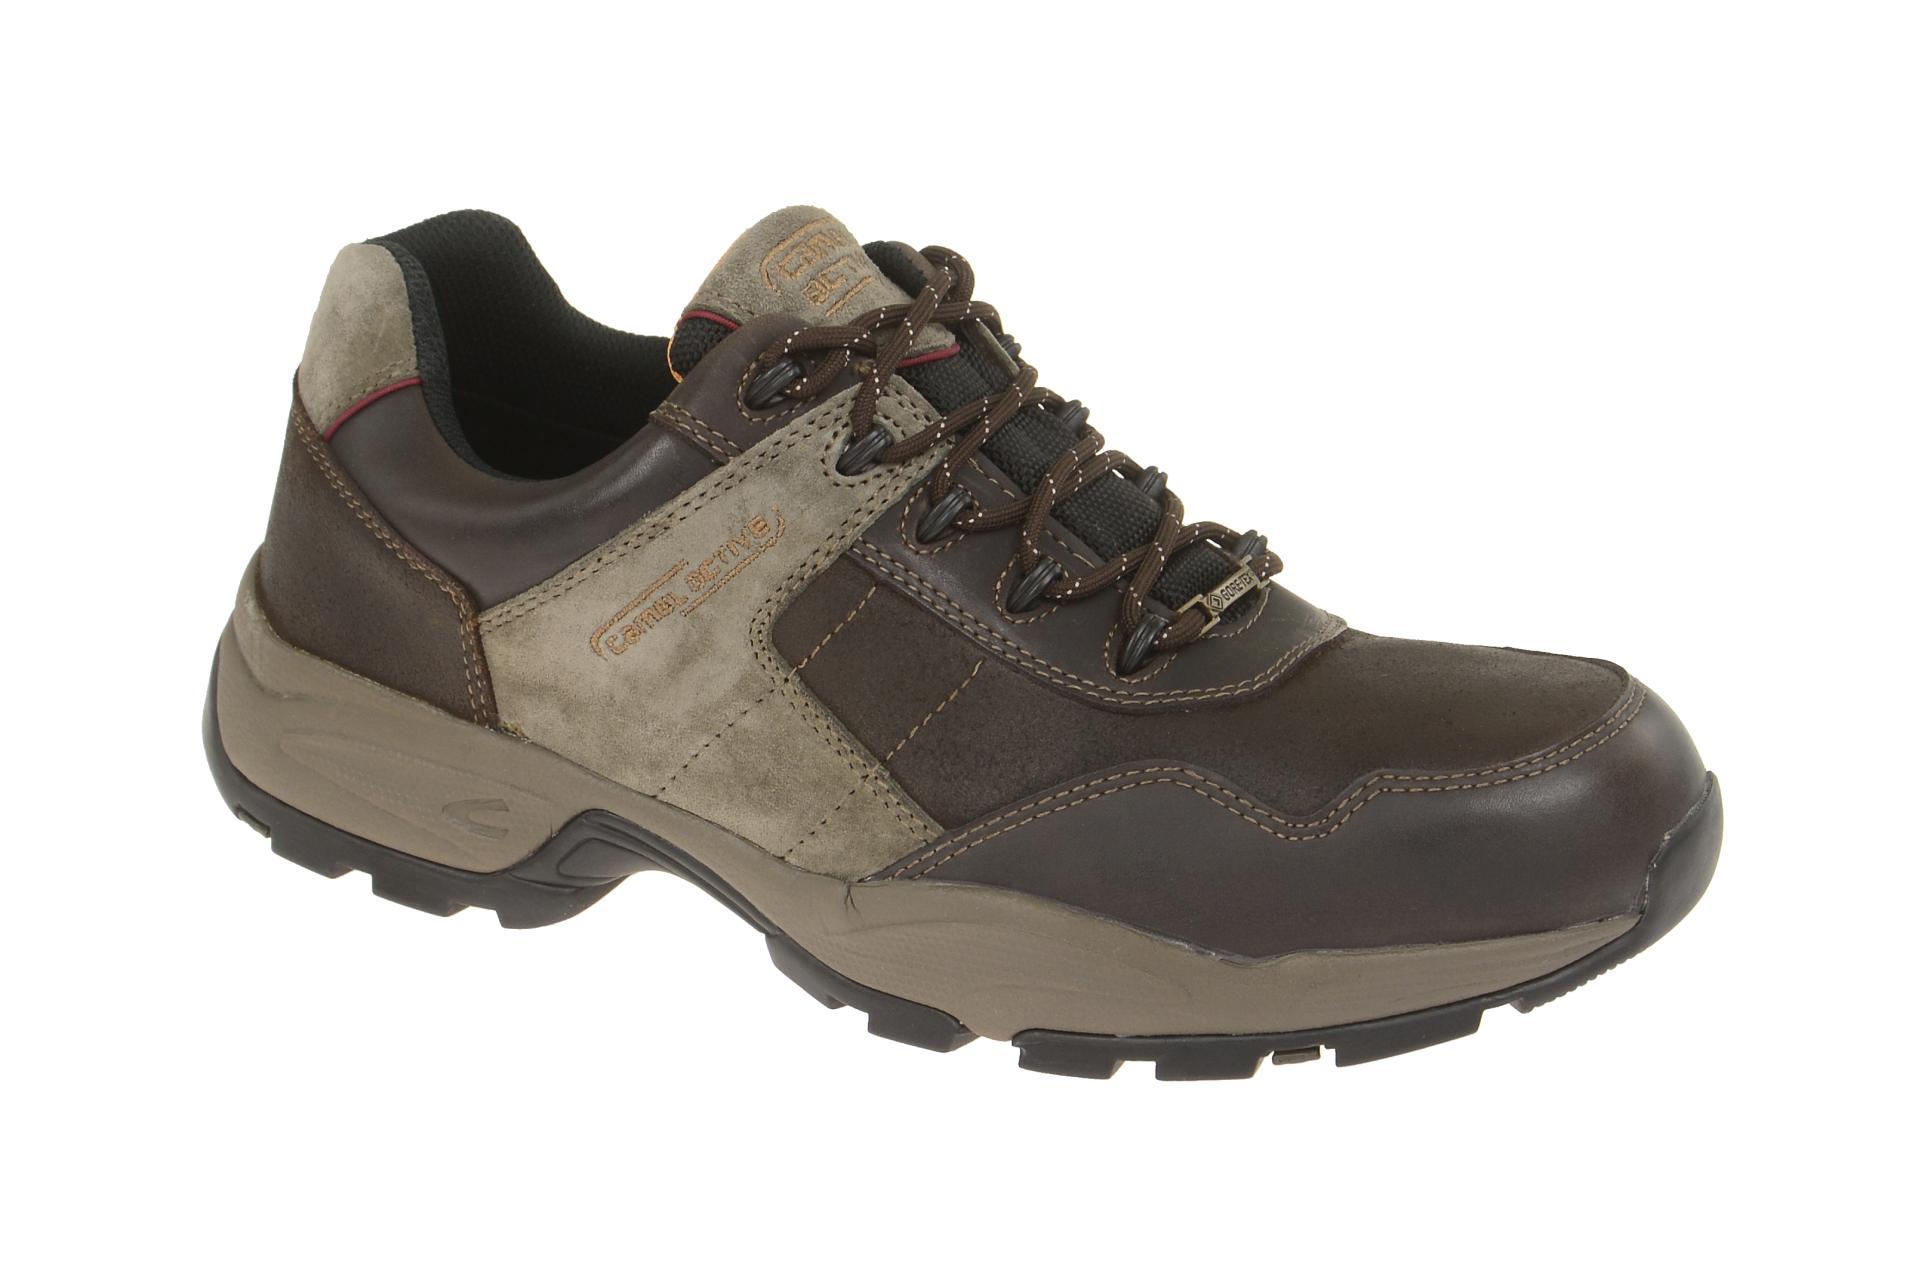 Details Neu Braun 01 Zu Evolution 142 Active Schuhe Herrenschuhe Camel Gtx 14 KclFT1J3